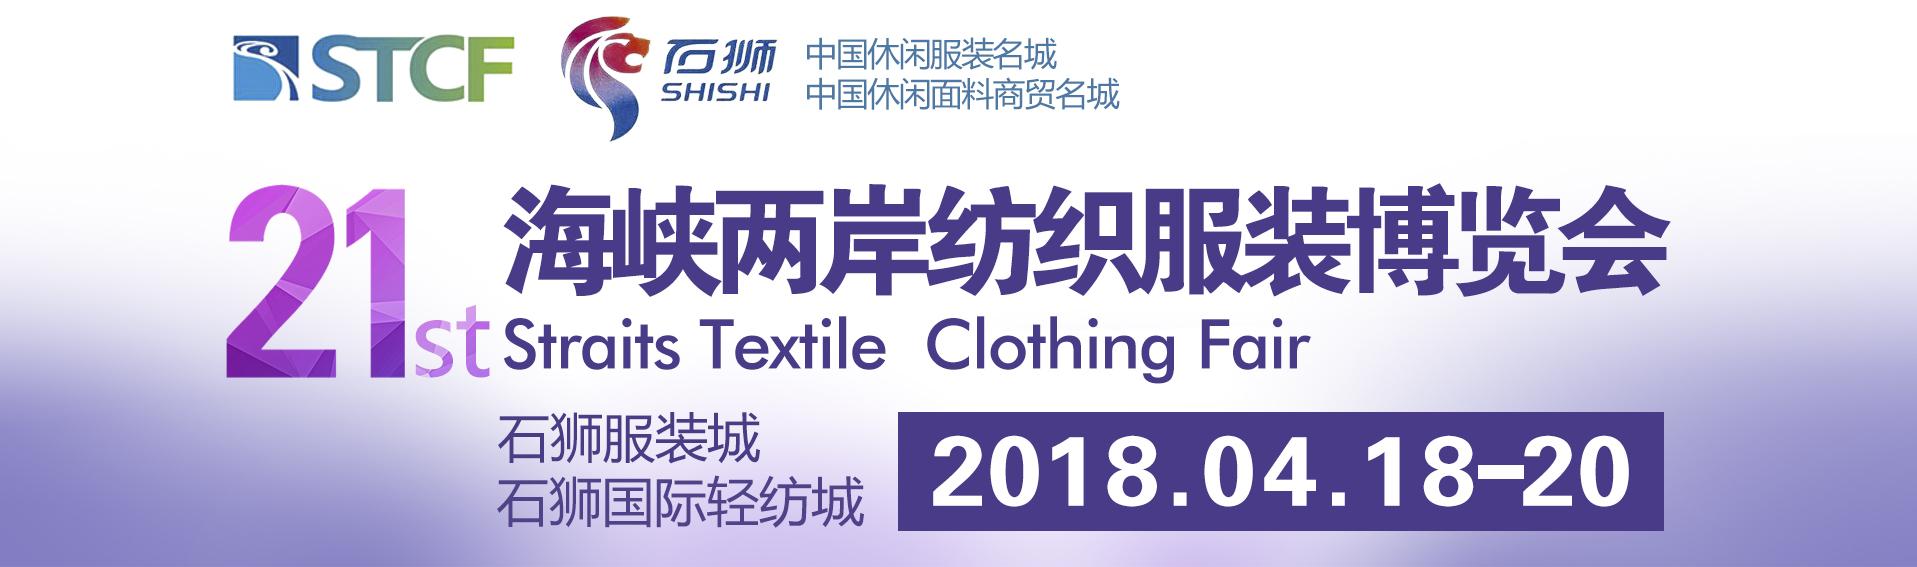 第21届海峡两岸纺织服装博览会